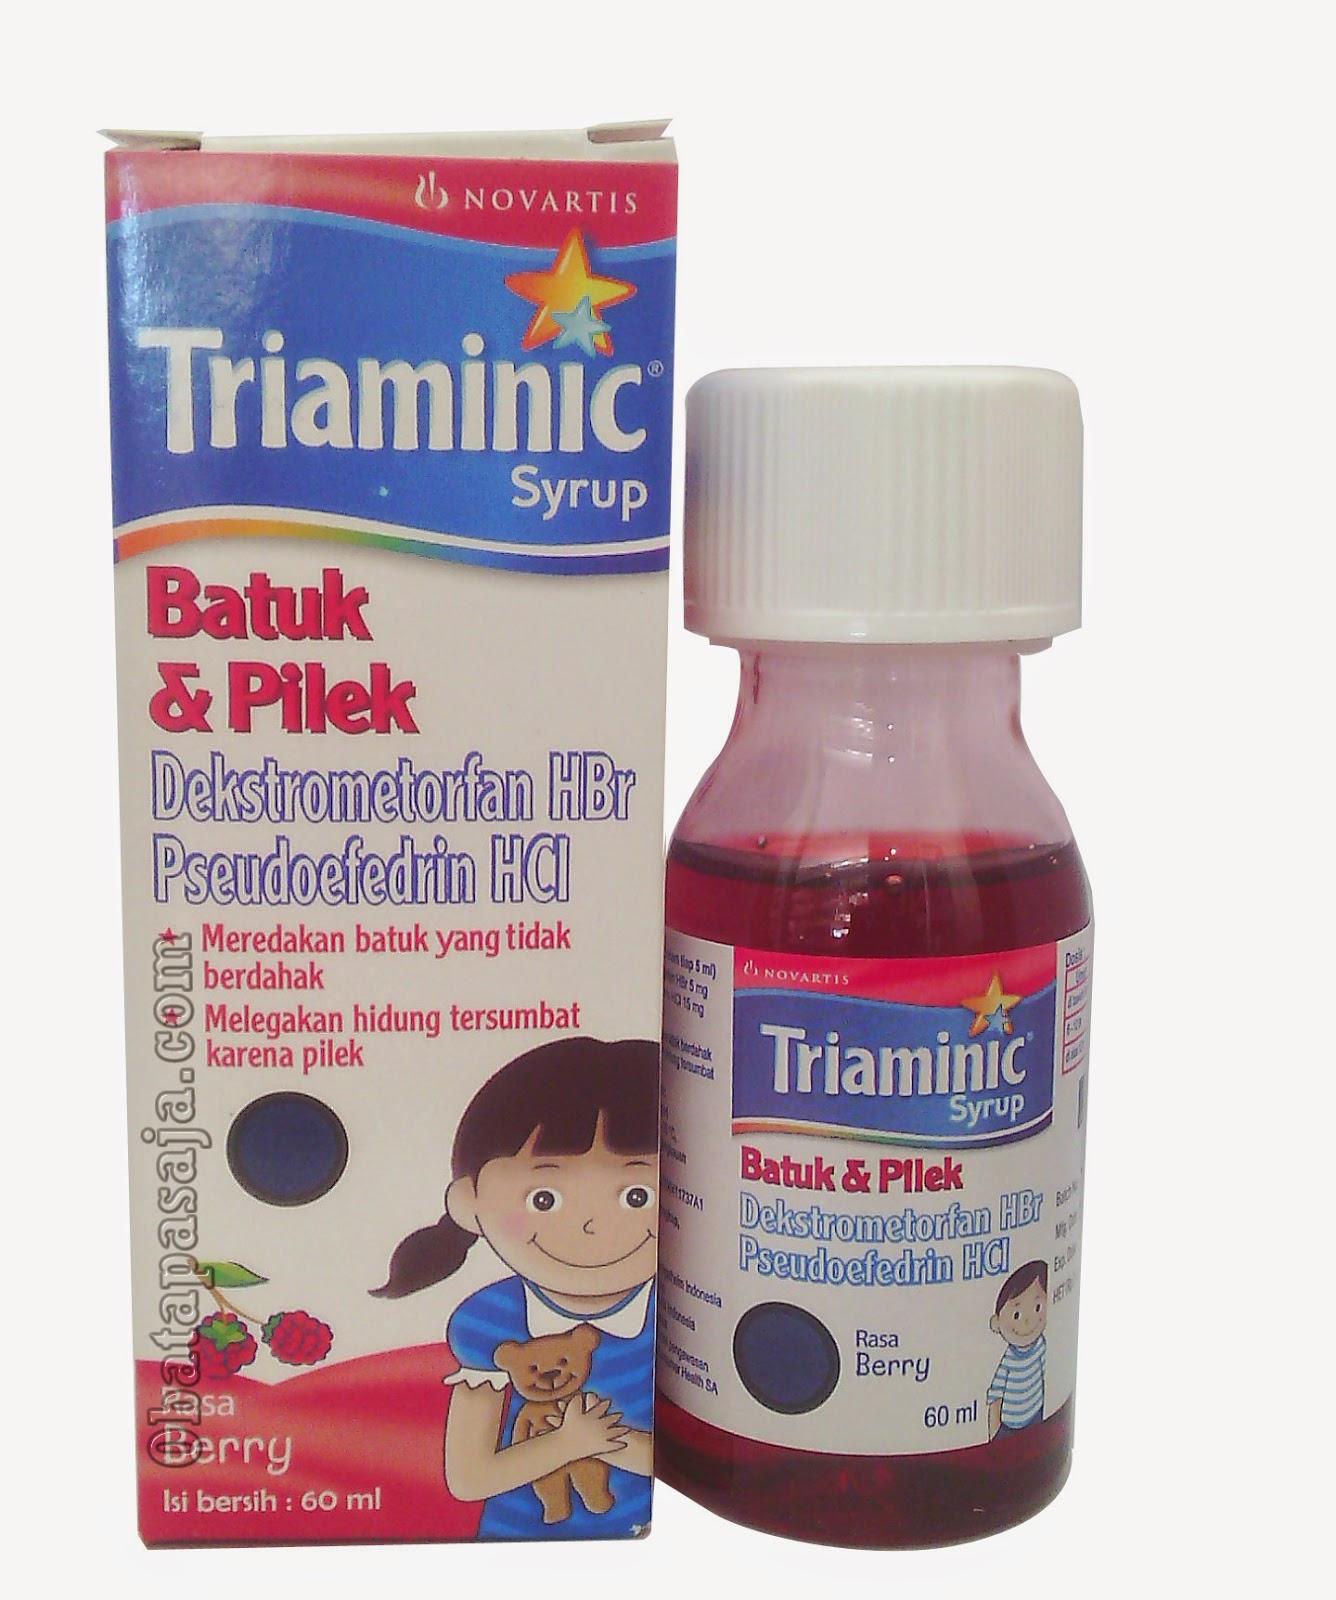 Triaminic Batuk & Pilek  Meringankan batuk tidak berdahak dan melegakan hidung tersumbat